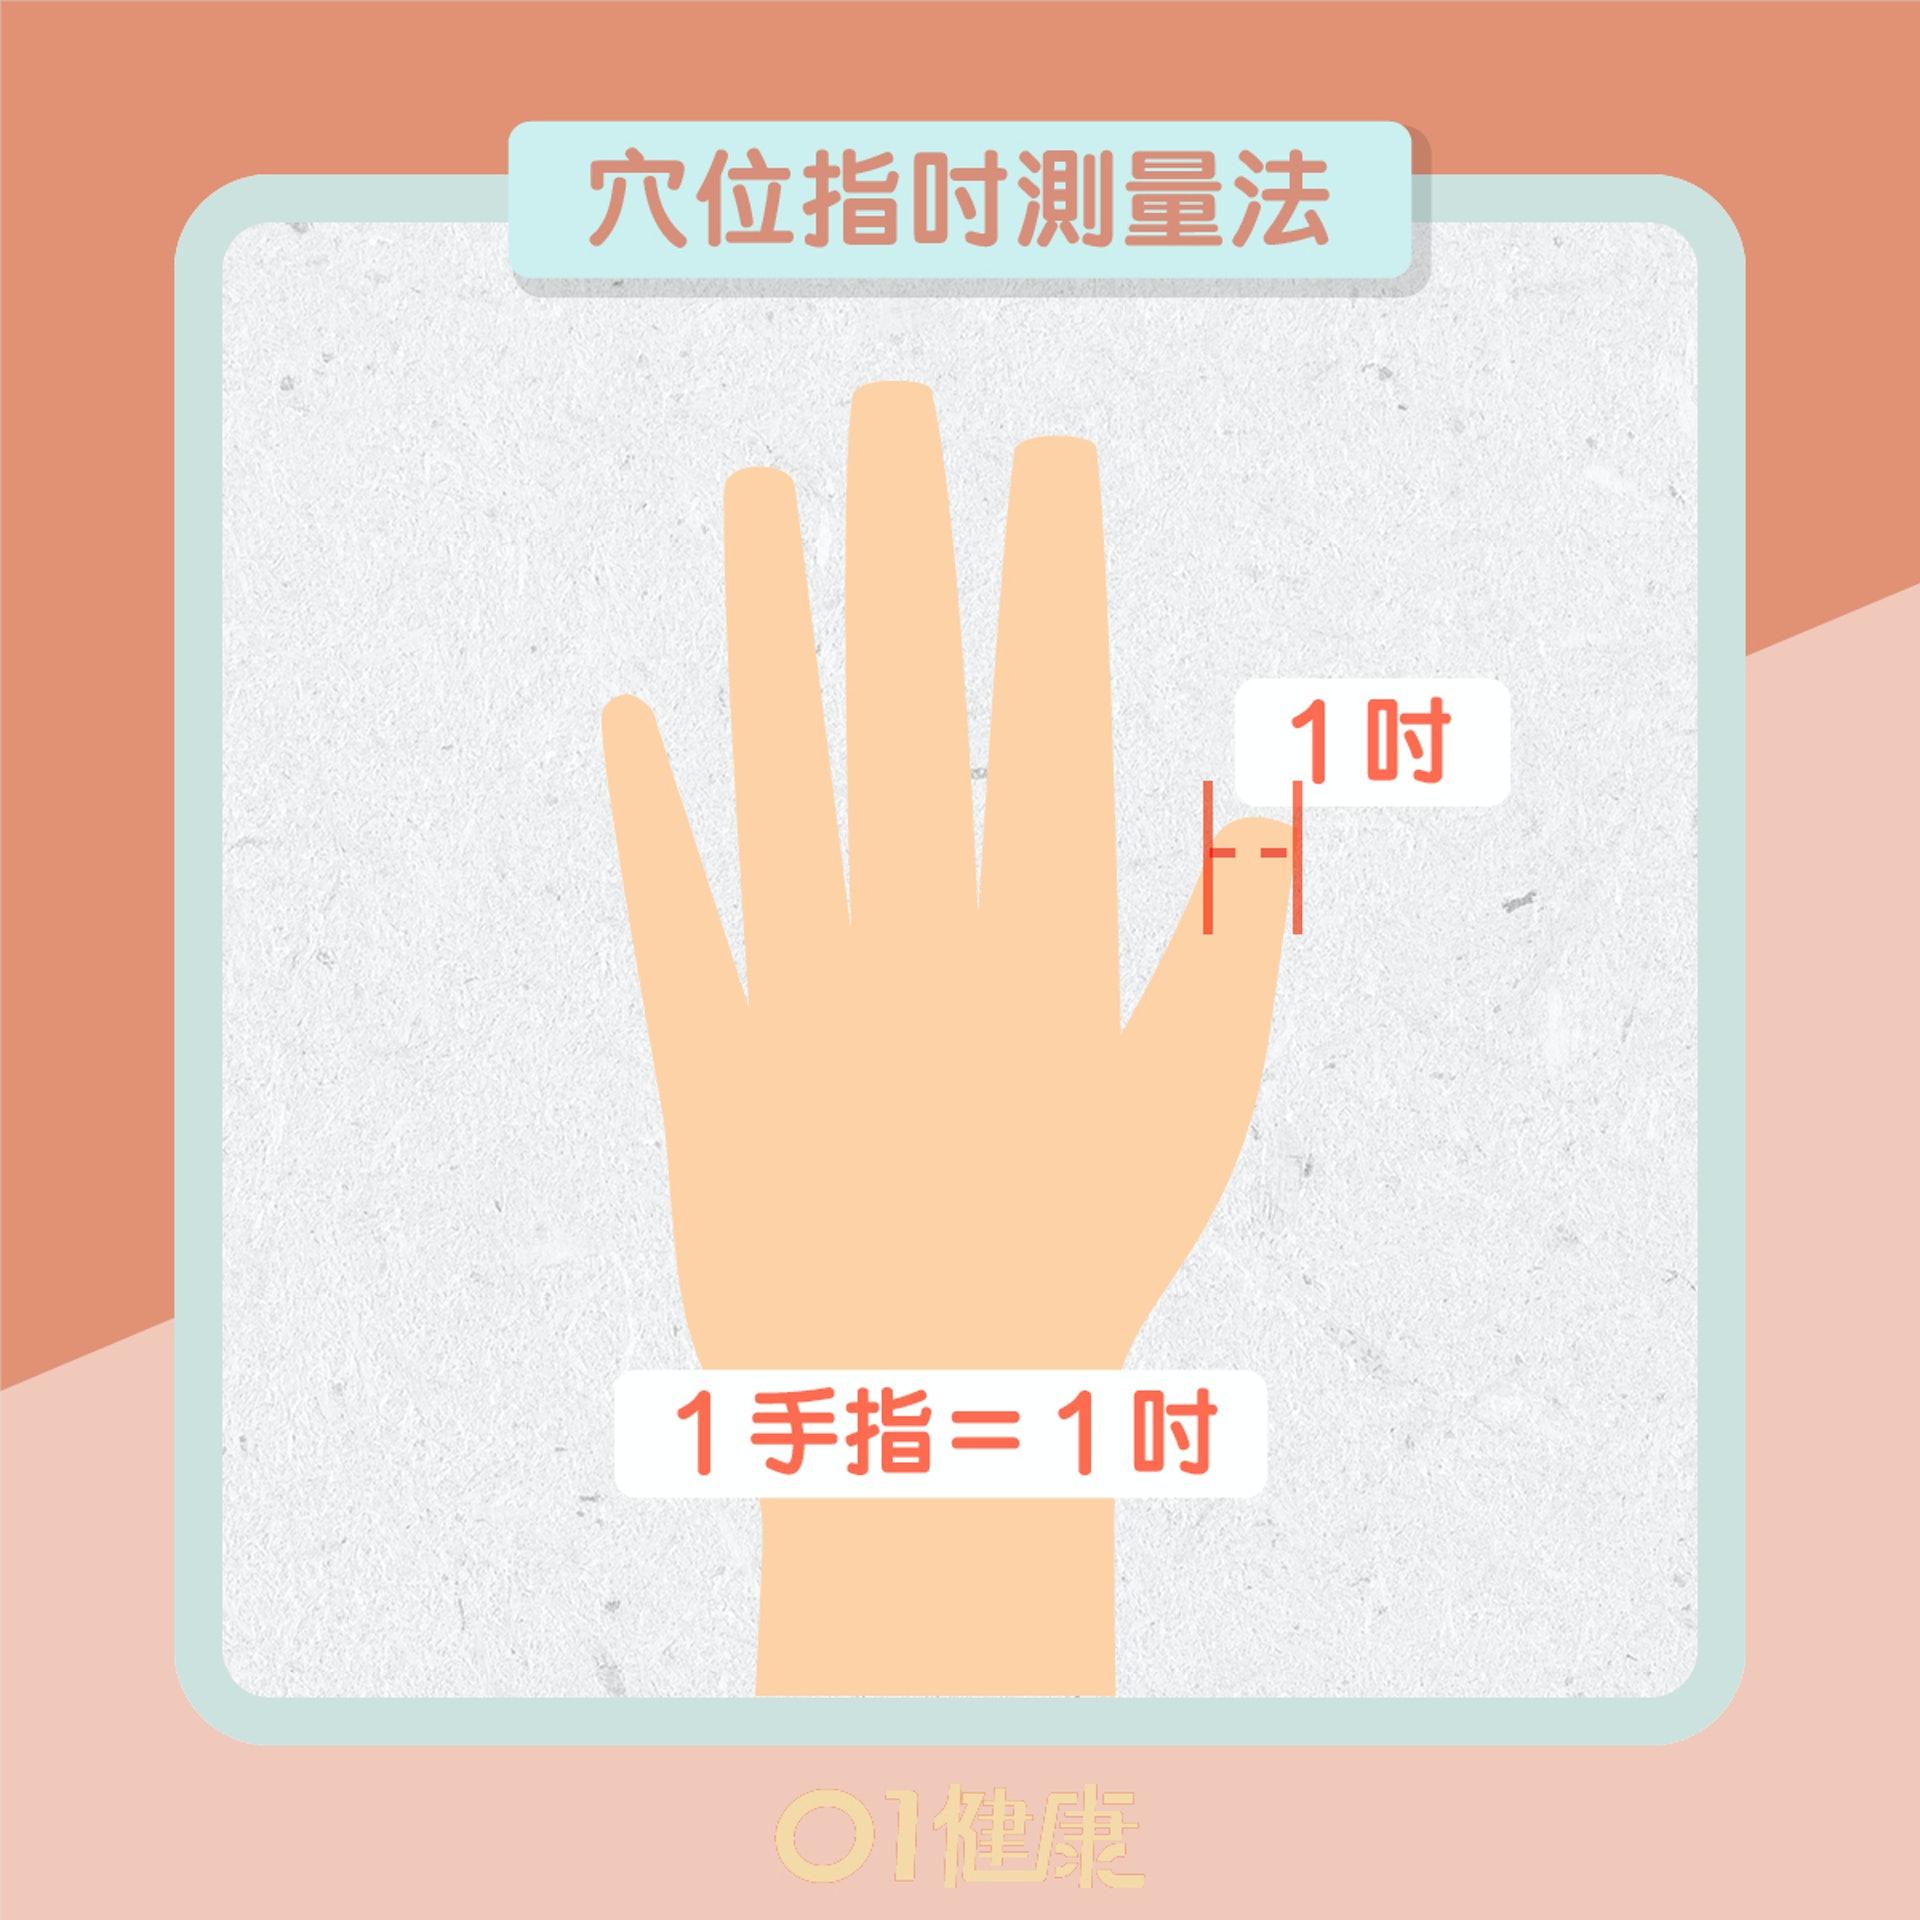 紓緩肩頸痛:肩井穴、天柱穴、膏肓穴、中渚穴(01製圖)